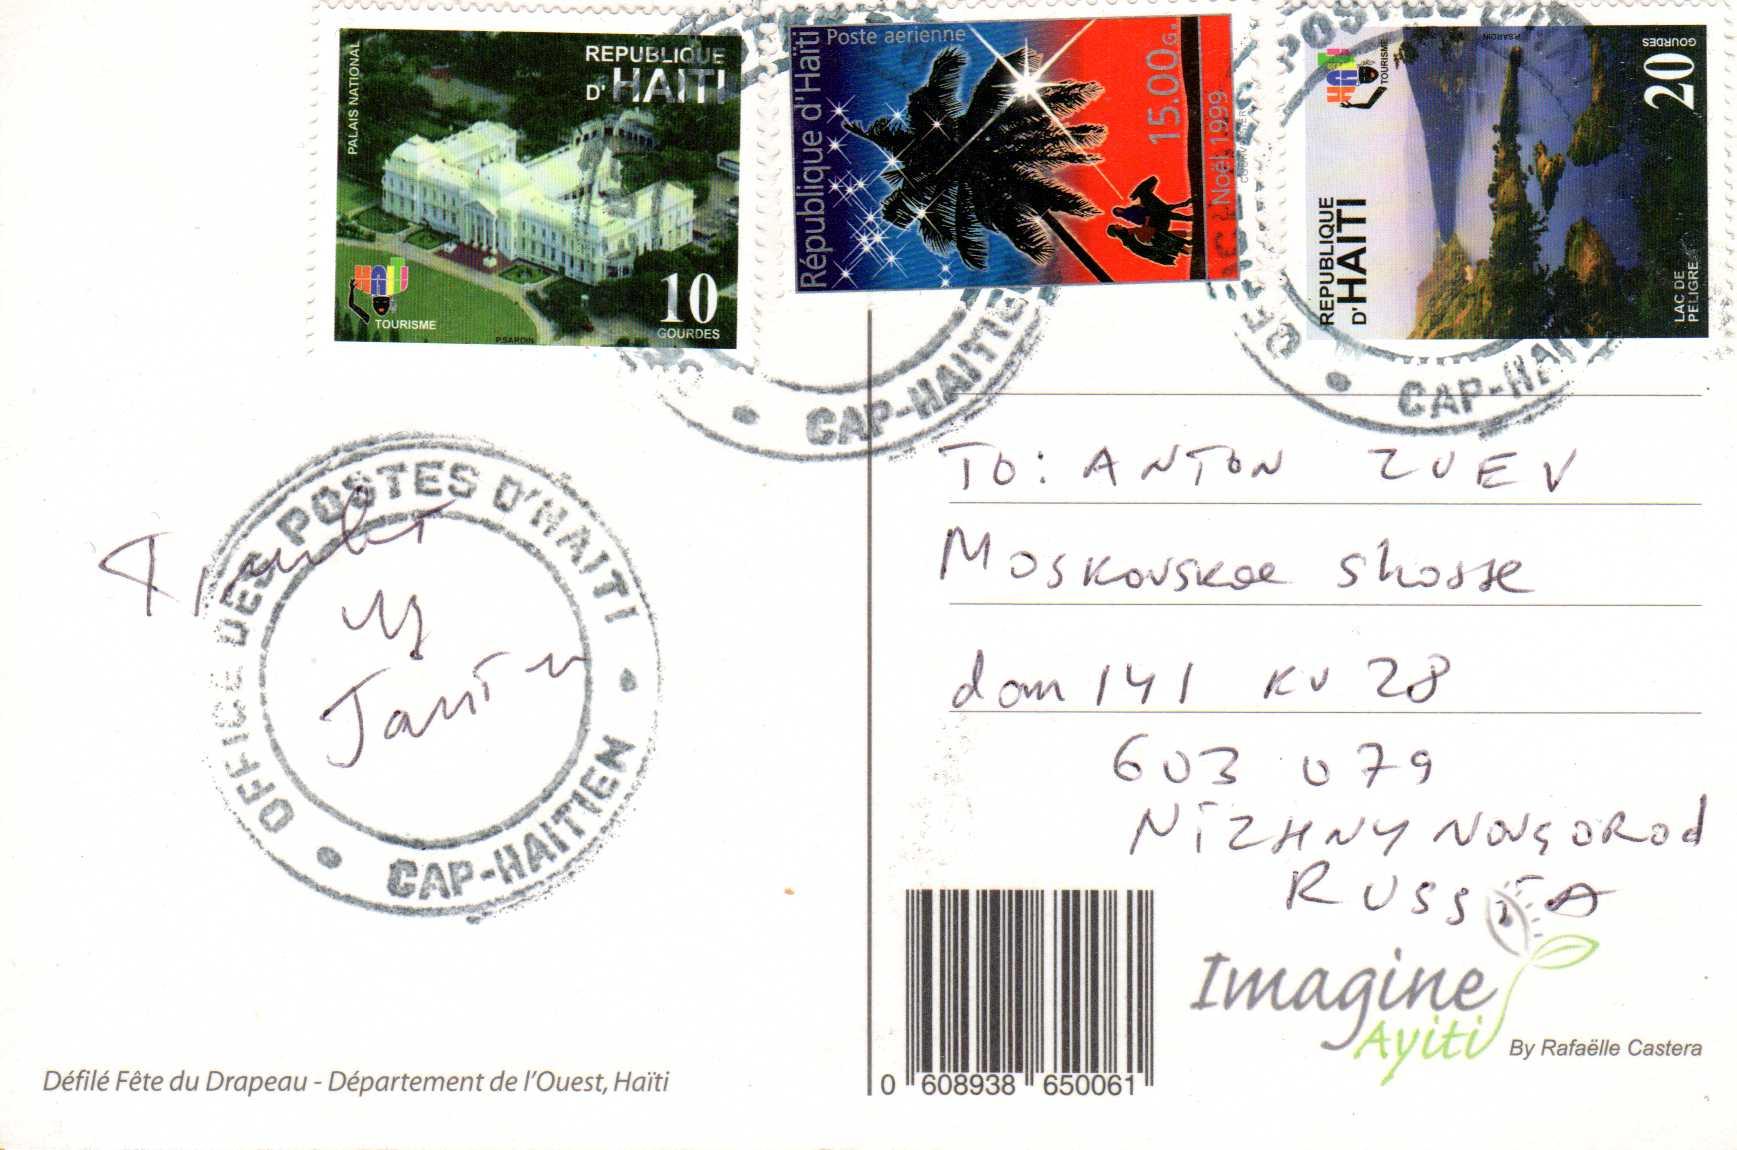 Как отправить открытку из таиланда в россию, зичи демон